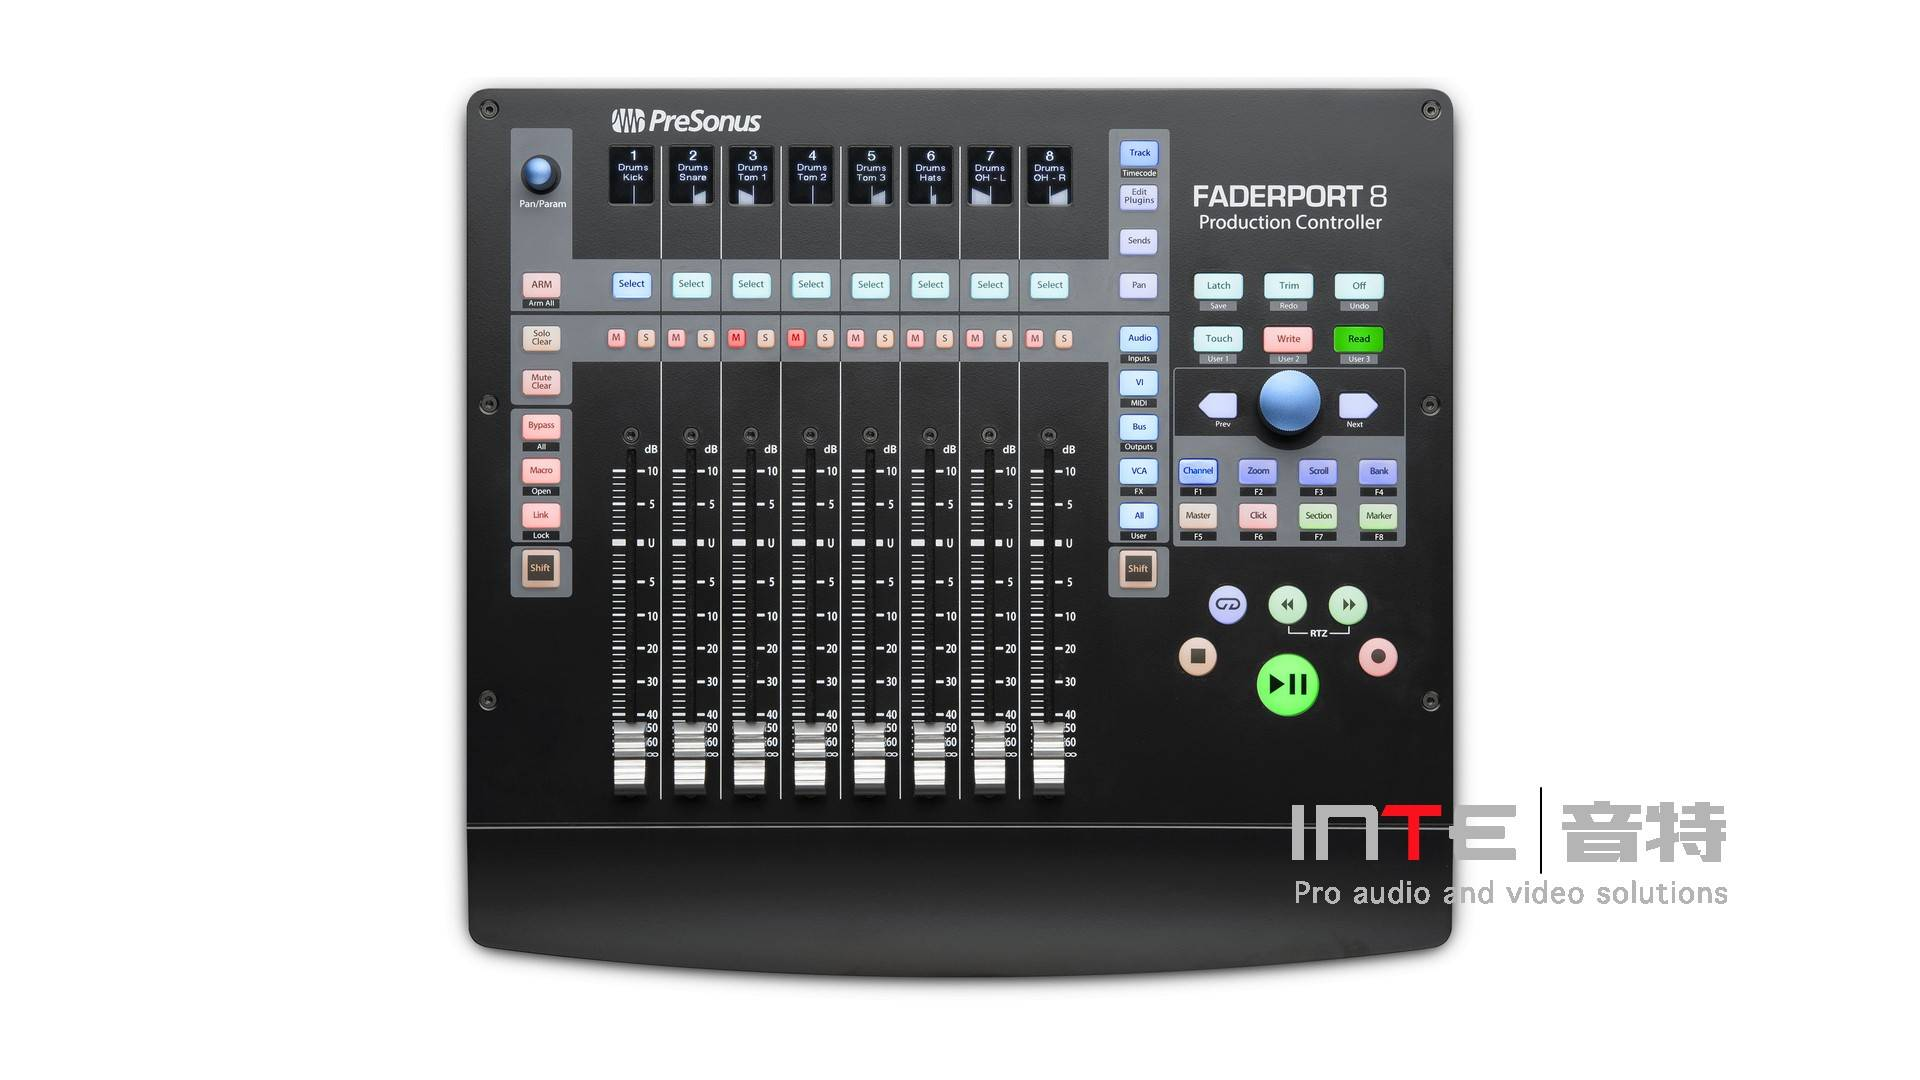 数字控制台 PreSonus Faderport 8